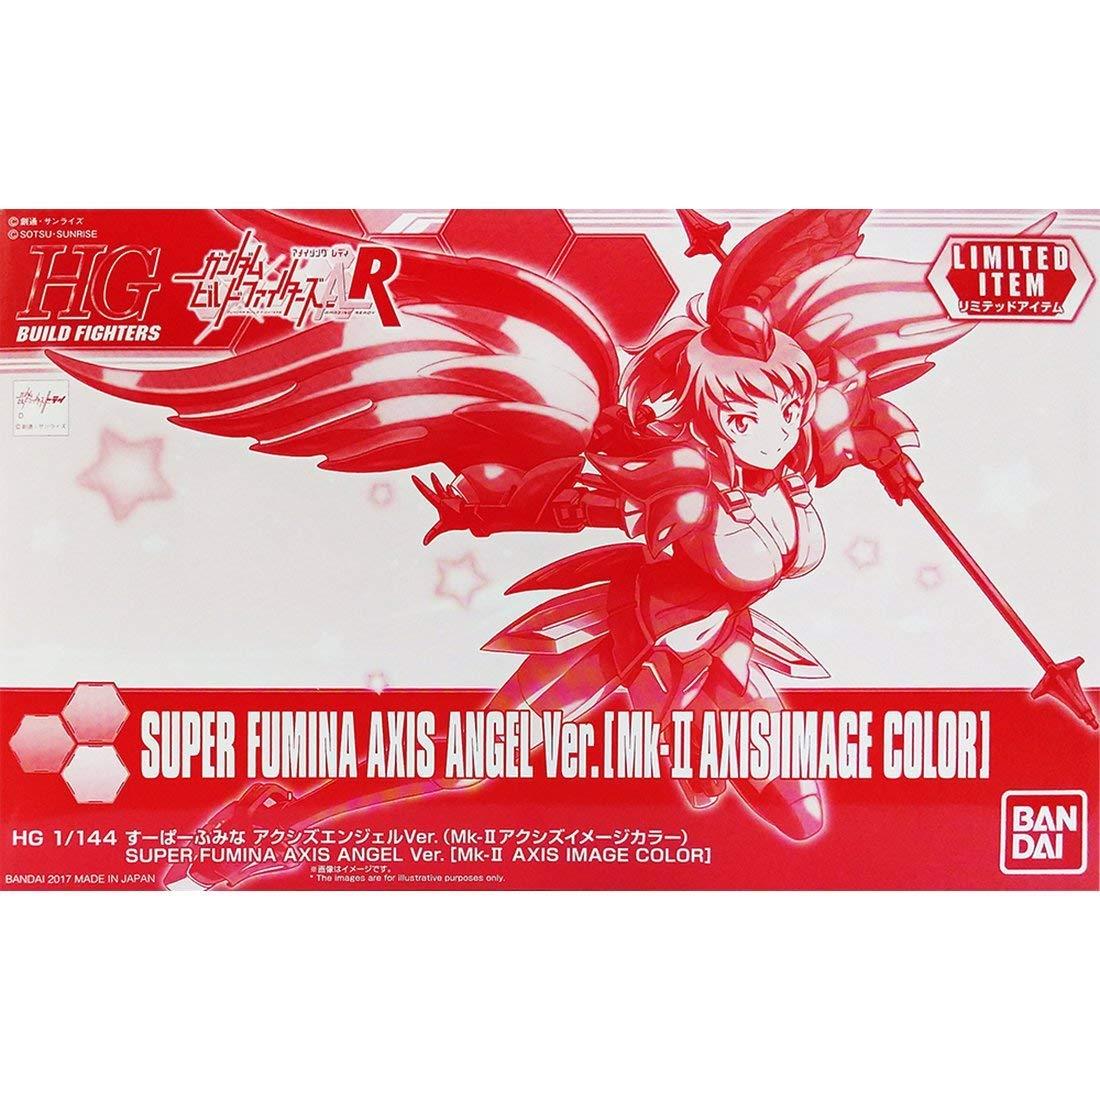 C3 AFA Tokyo 2017 1//144 HGBF Super Fumina Axis Angel Ver. Bandai Hobby 196259 Mk-Ⅱ Axis Image color